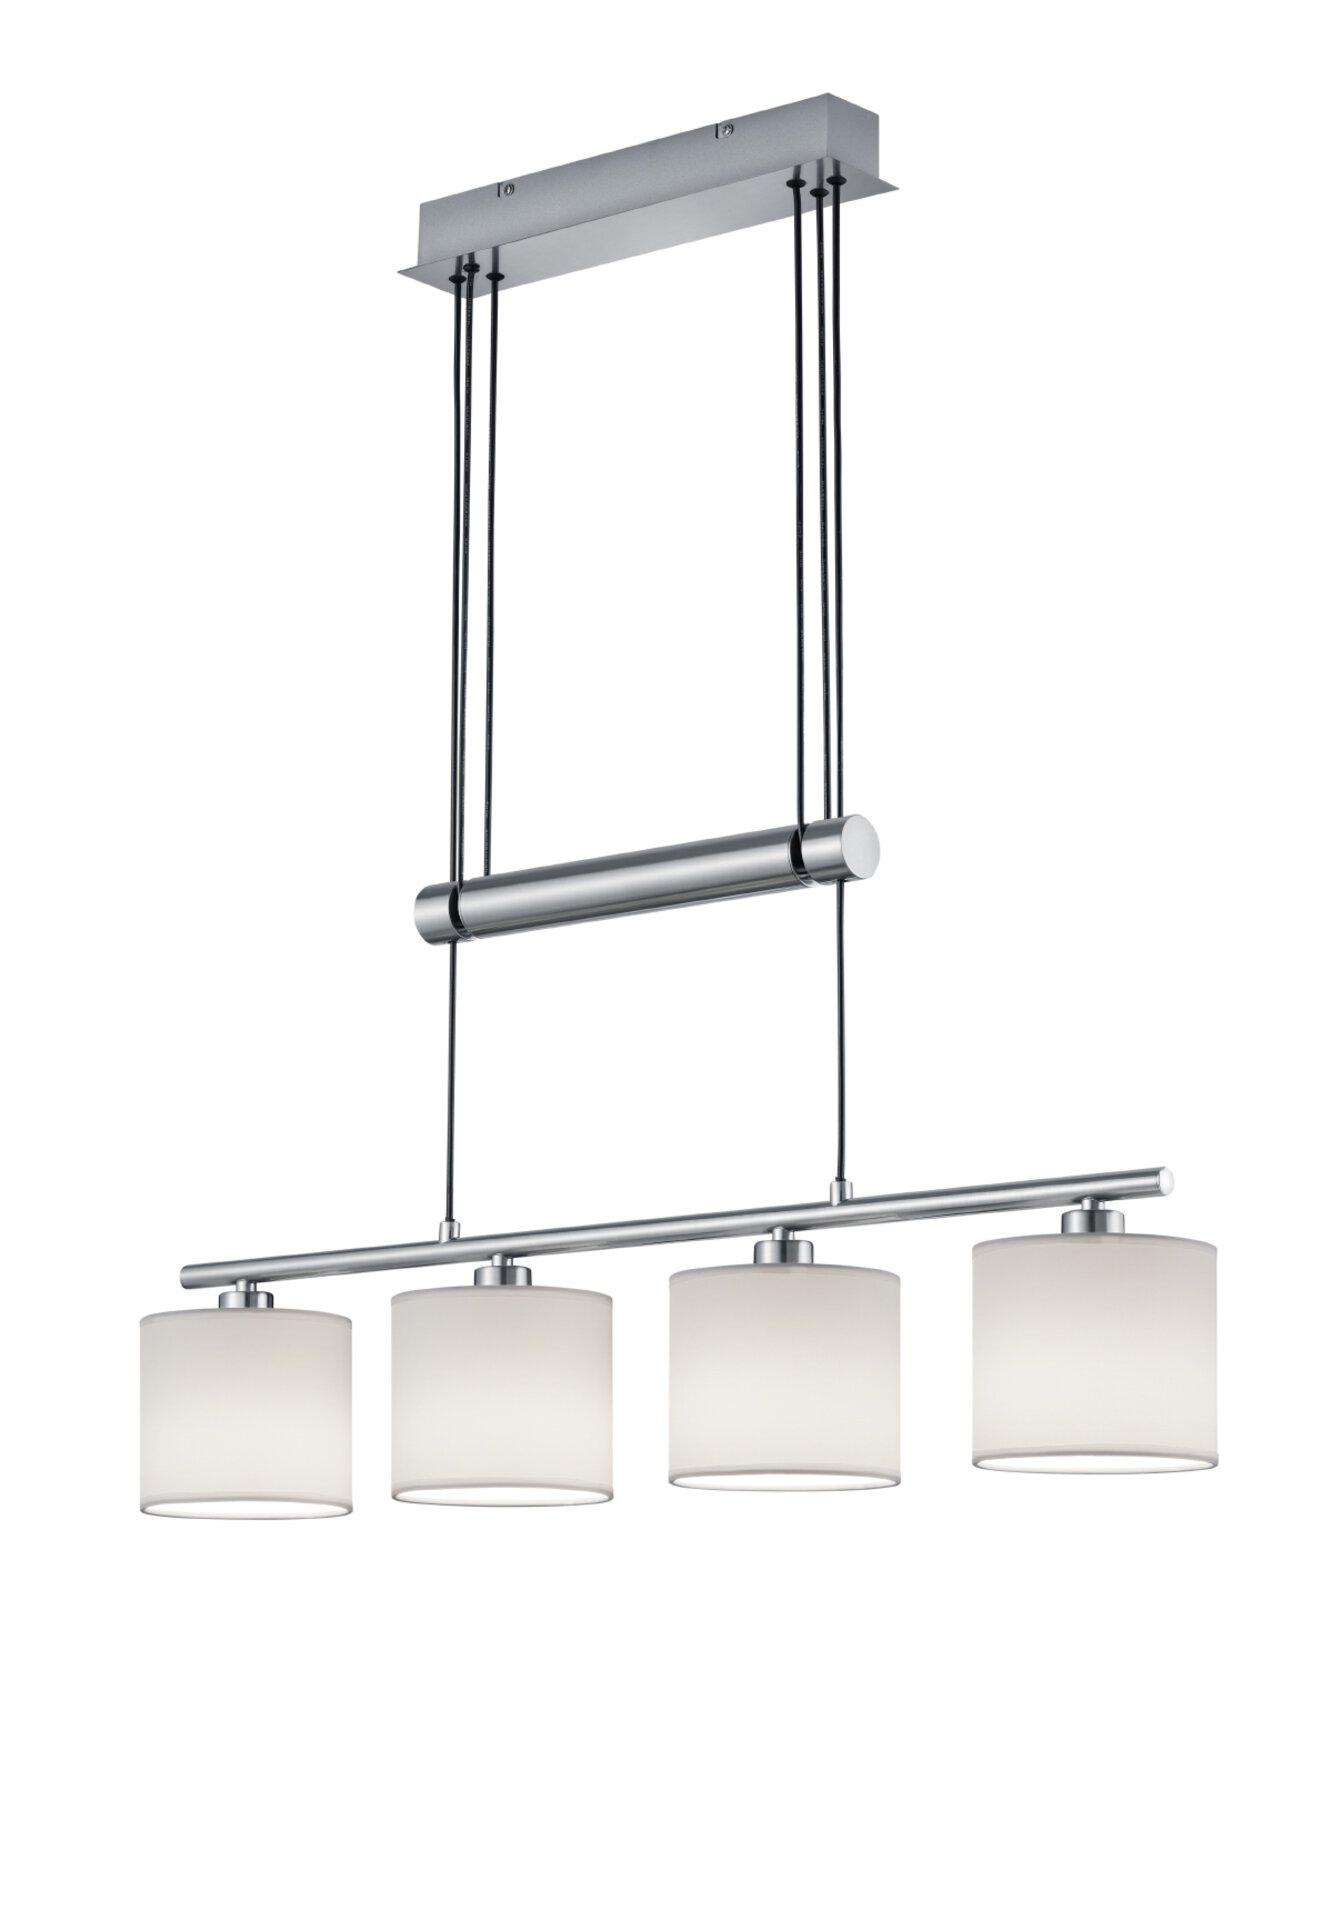 Hängeleuchte Garda Trio Leuchten Metall silber 14 x 150 x 80 cm